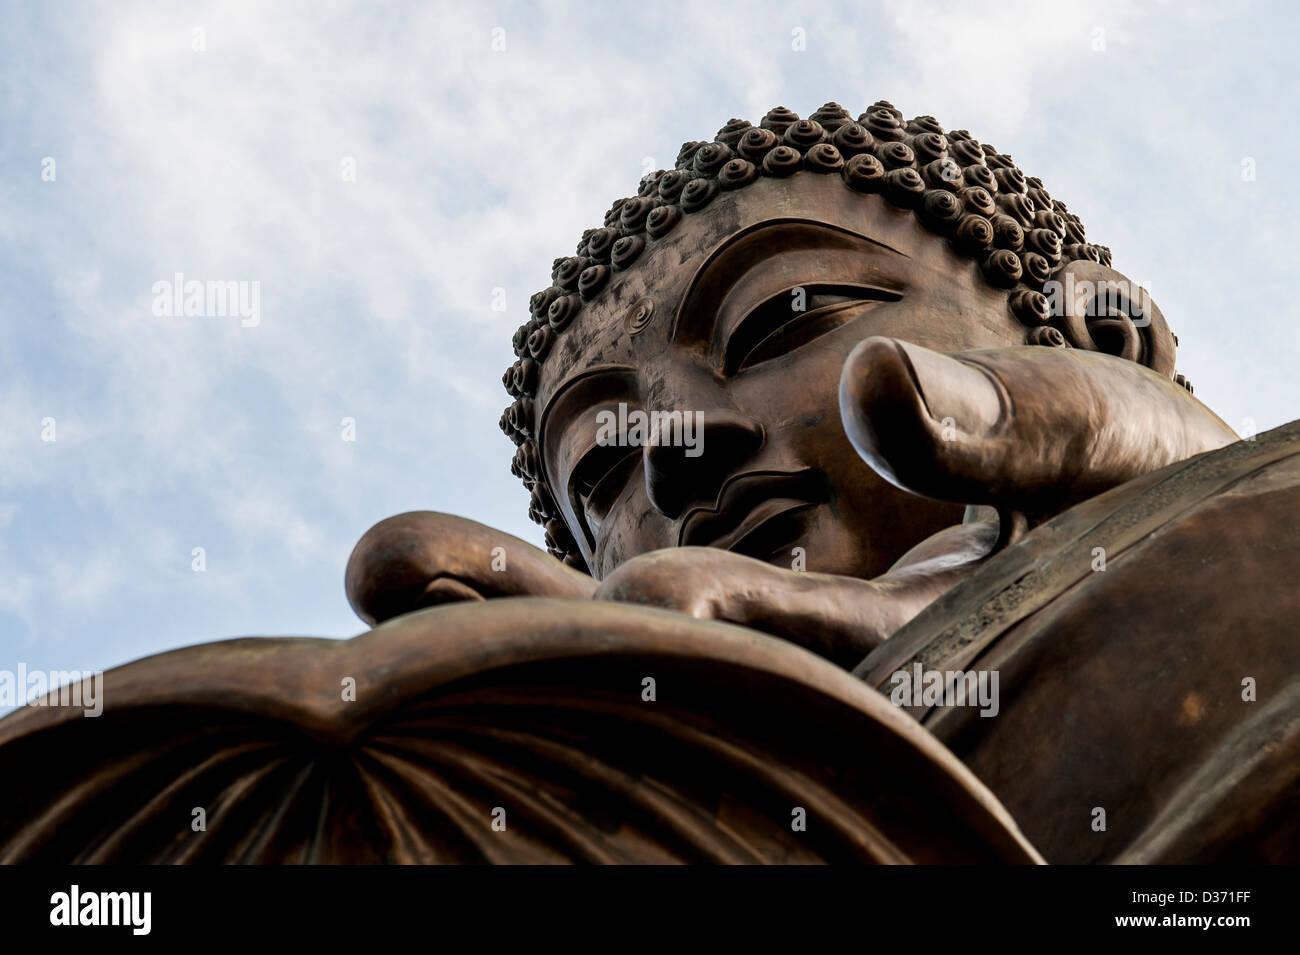 LANTAU - HONG KONG, SAR of CHINA: Big Buddha Statue in the island of Lantau in Hong Kong - Stock Image